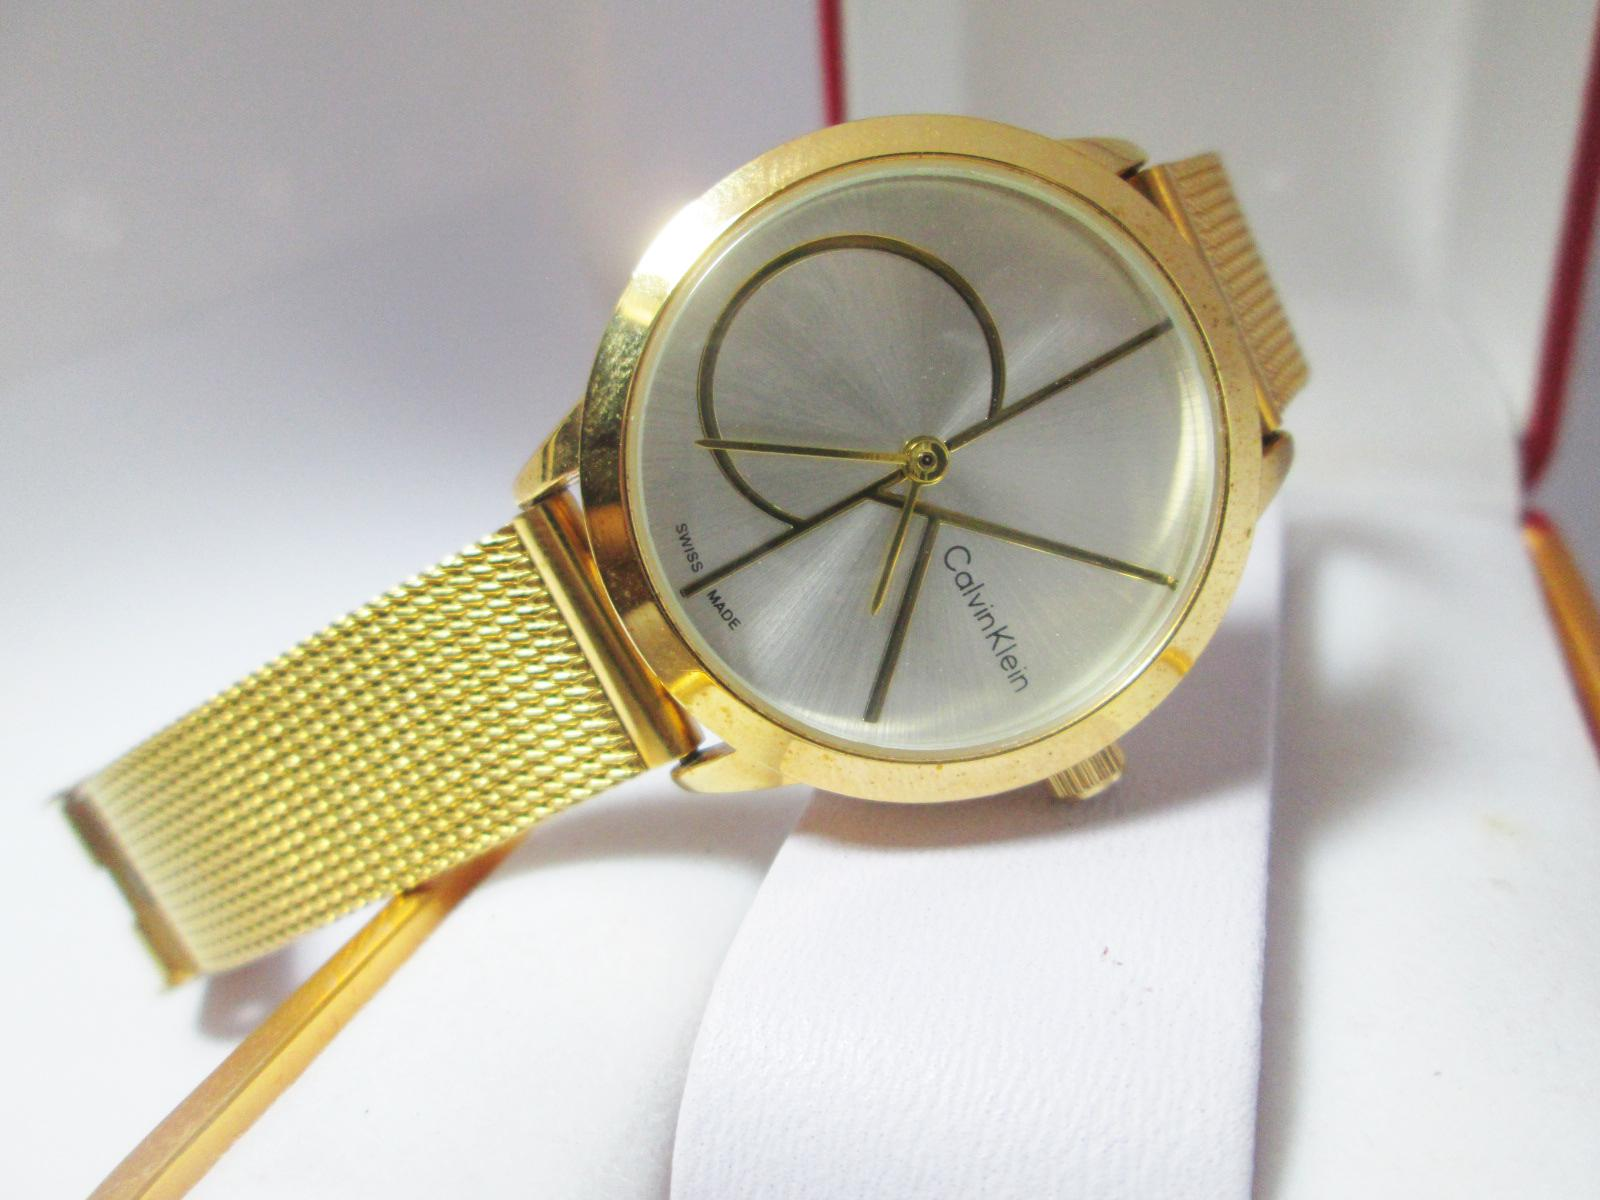 Đồng hồ CK nữ mạ vàng